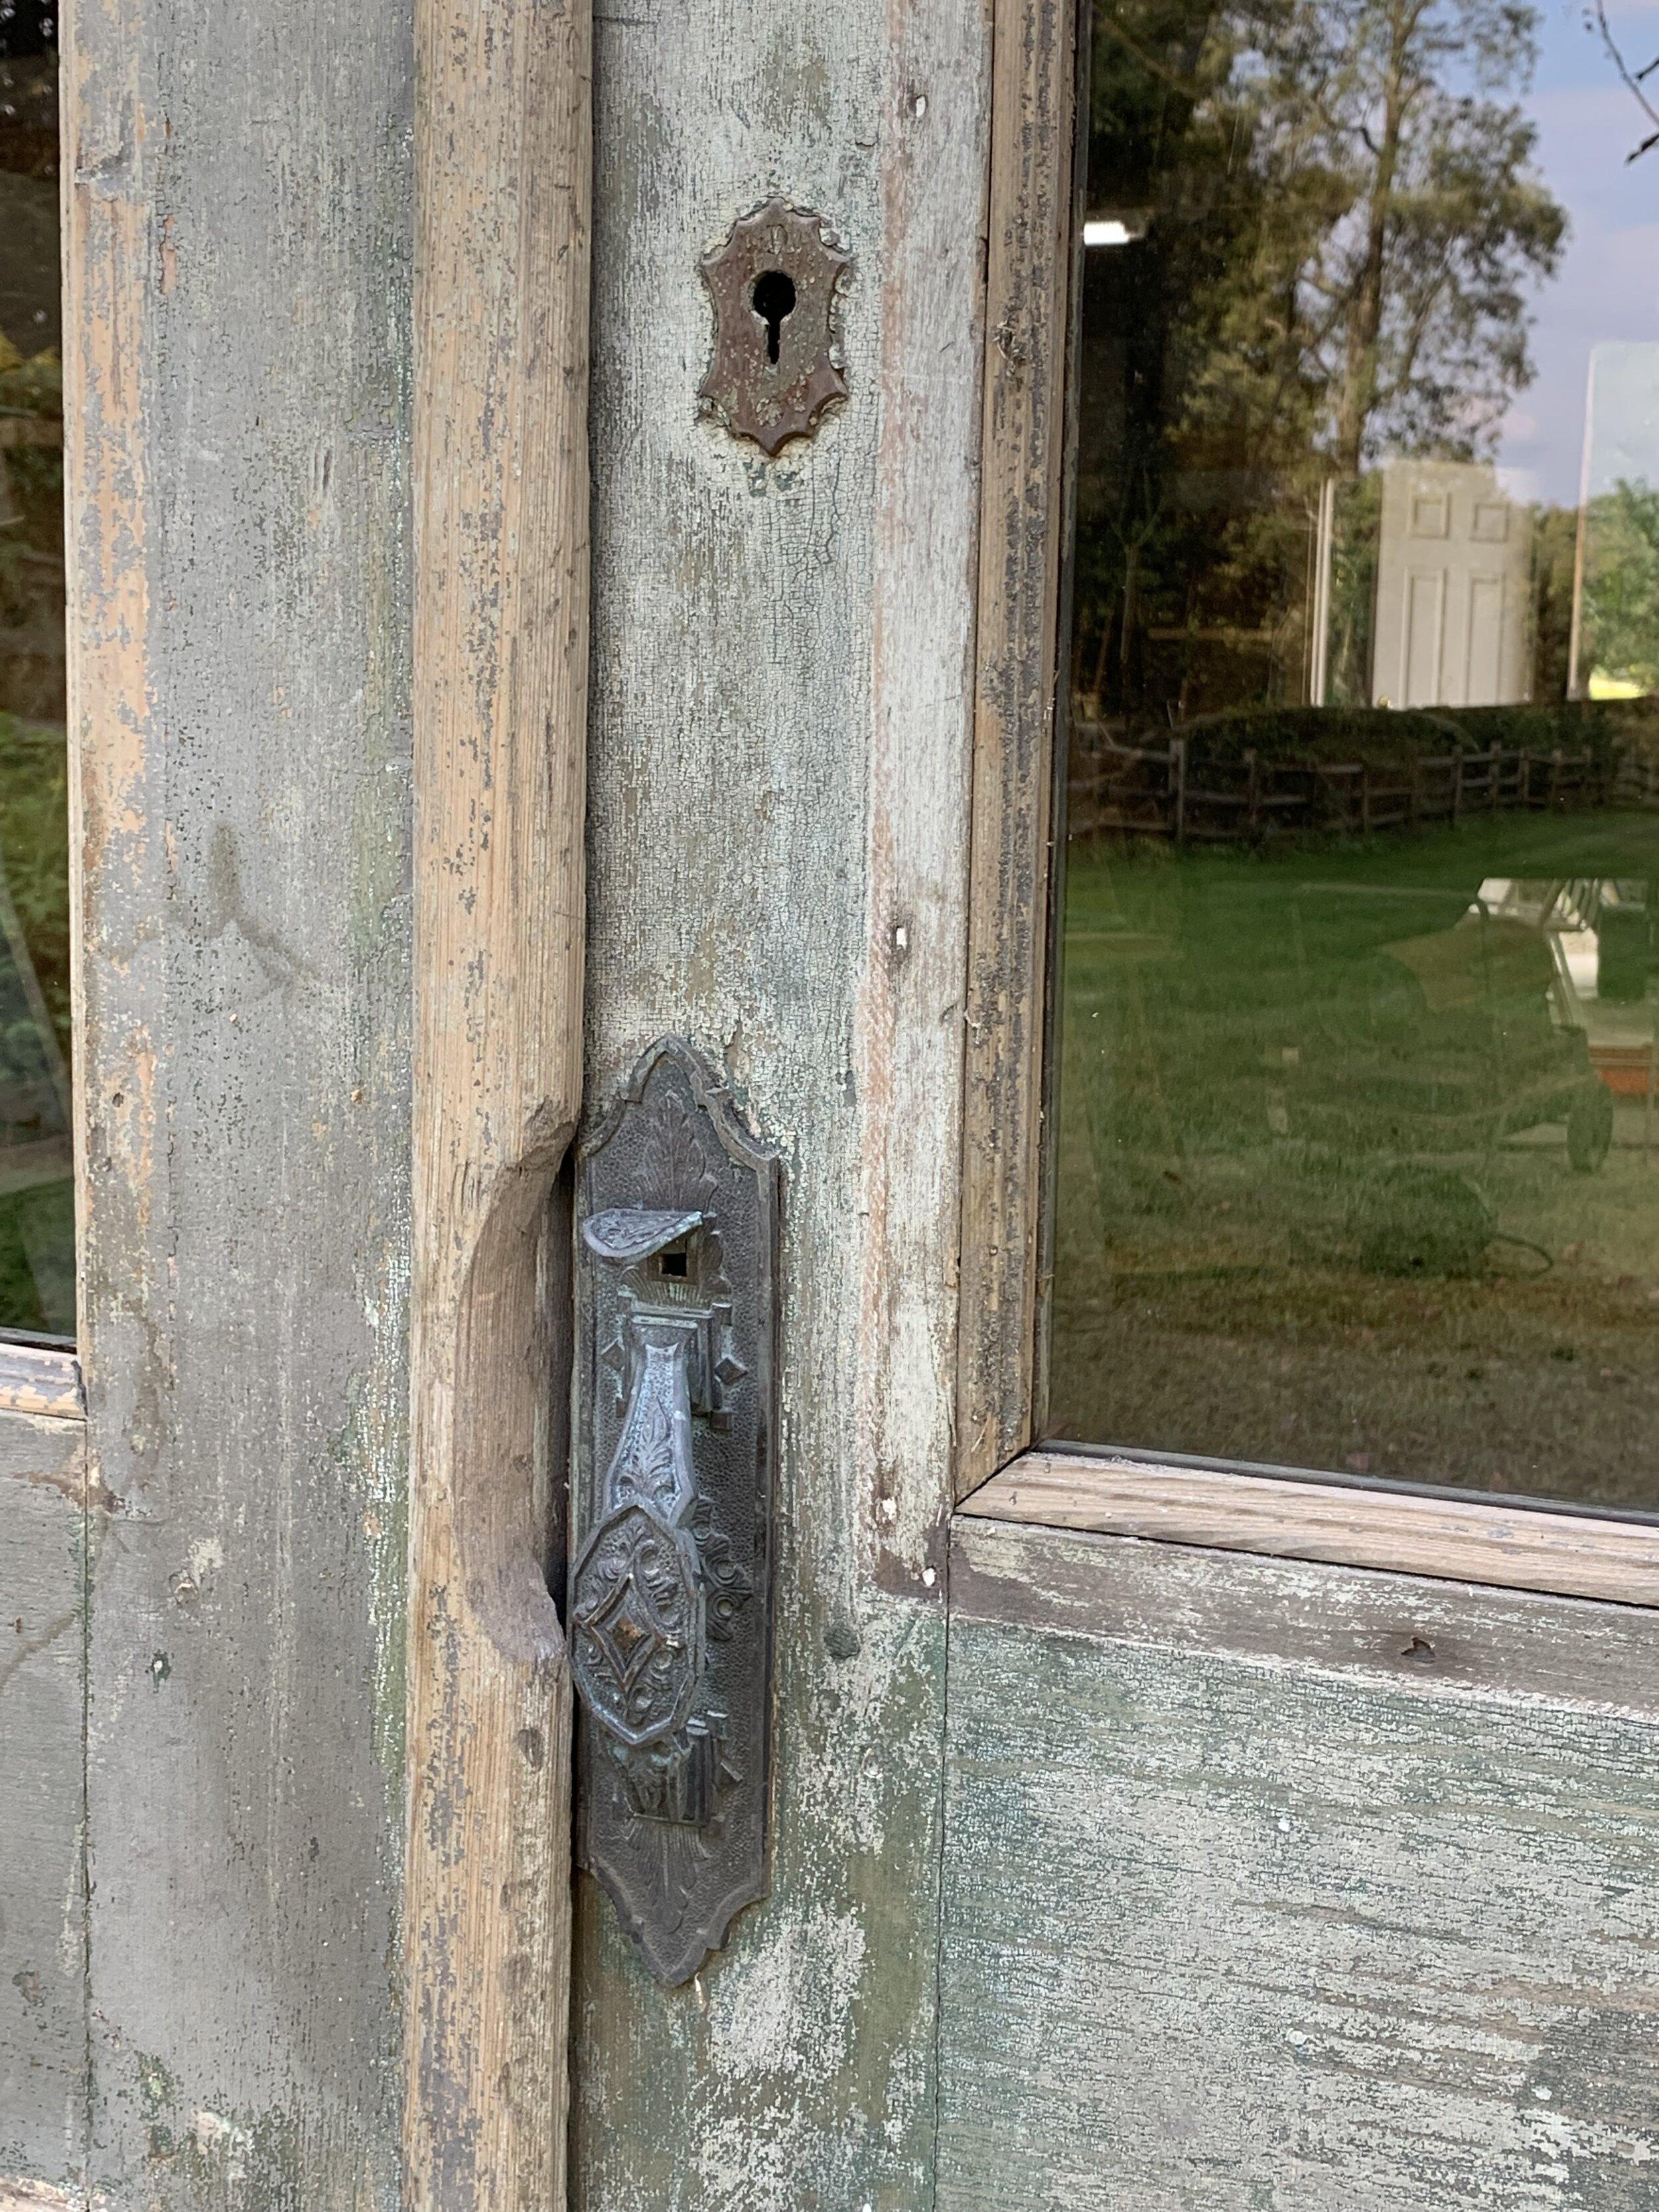 Antique barn door - wooden